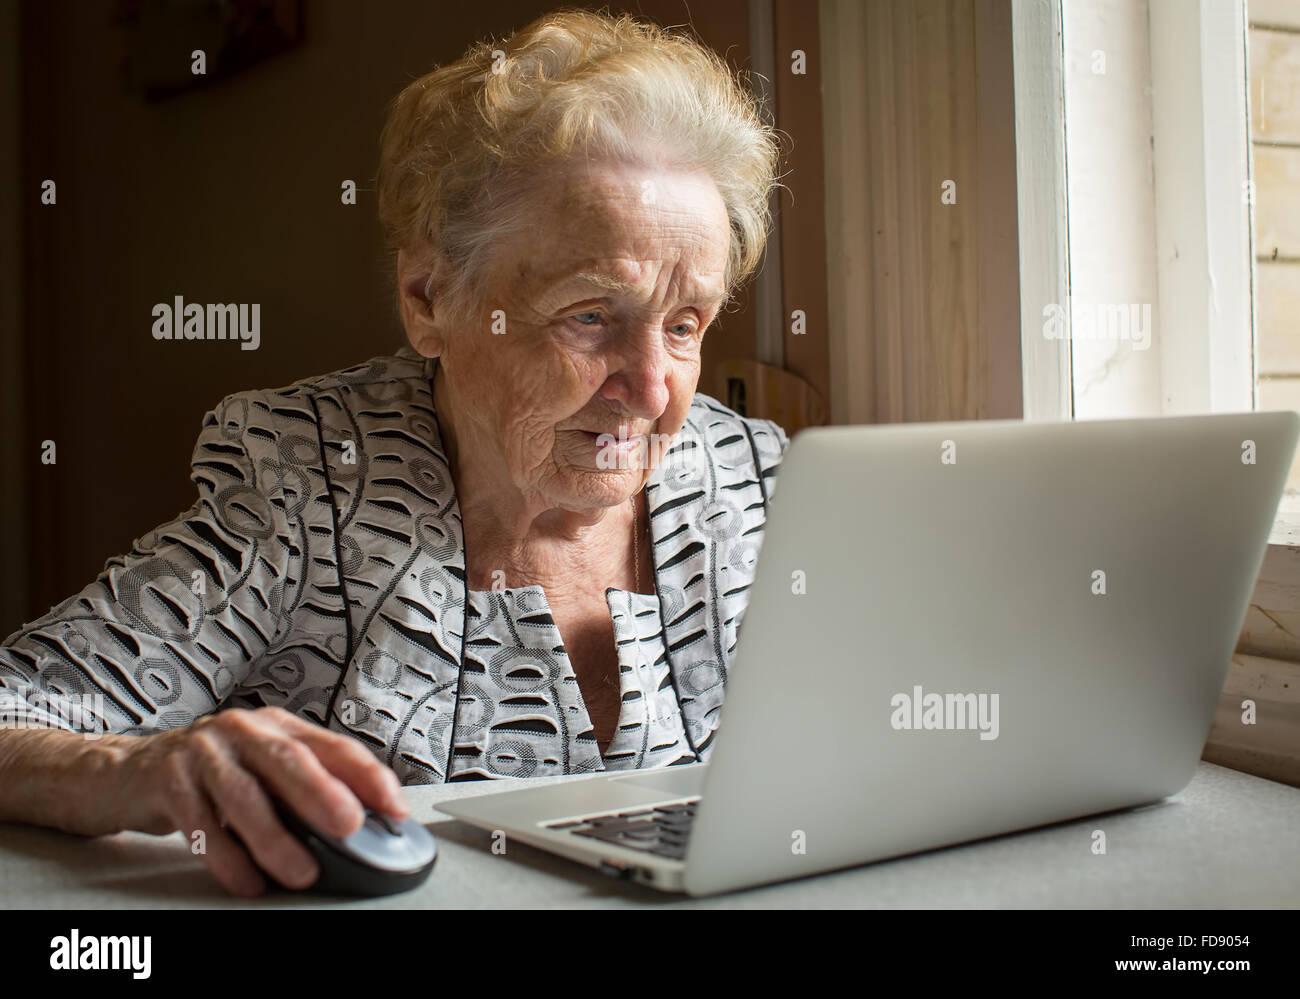 Eine ältere Frau sitzt am Tisch und Arten auf Laptop. Stockbild